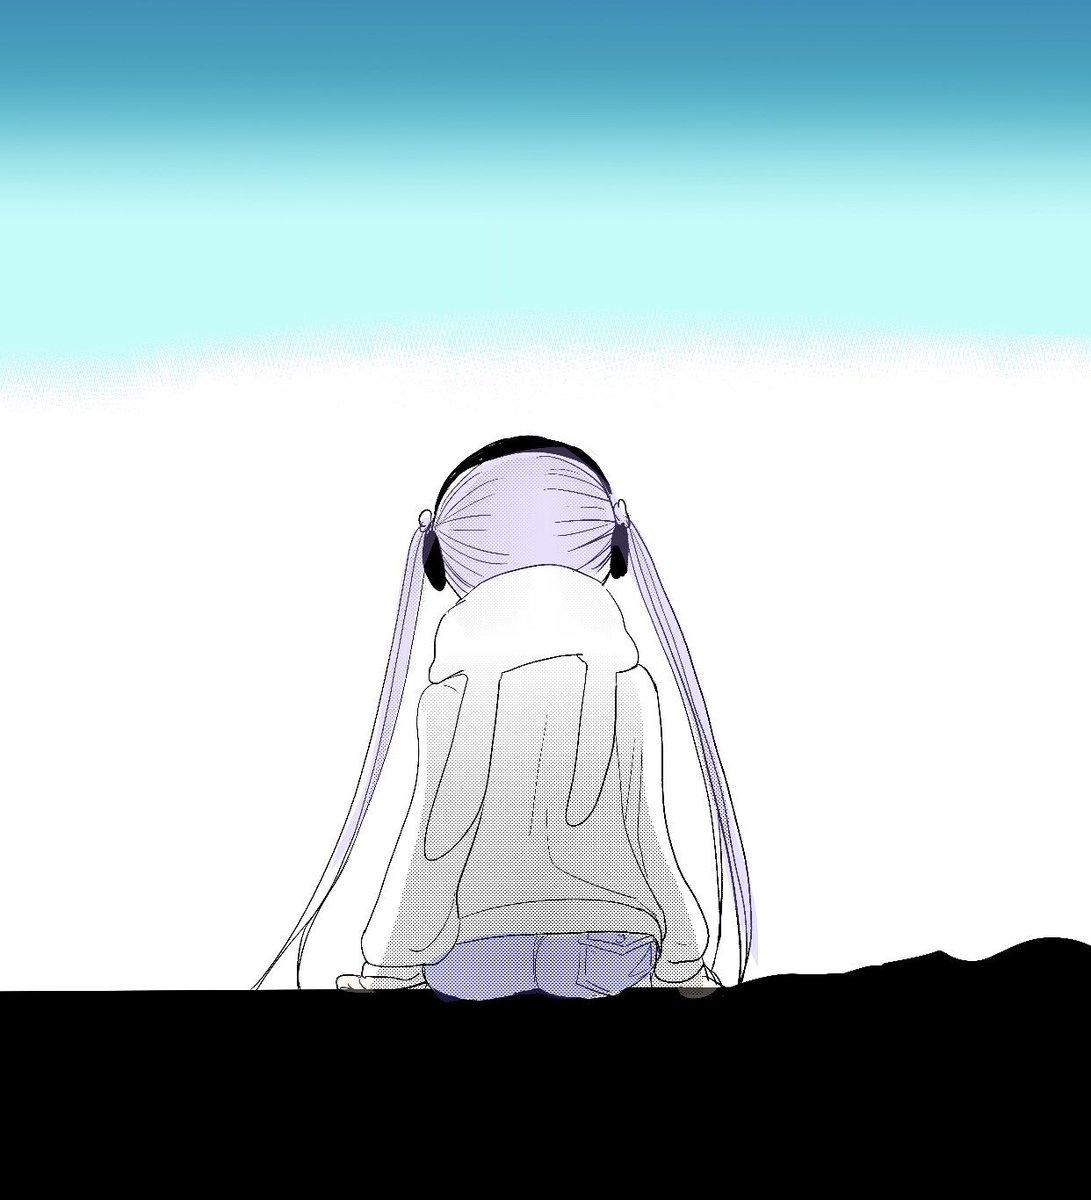 【稲葉みのり】源君物語 60帖【胸に罪はない】 ->画像>51枚